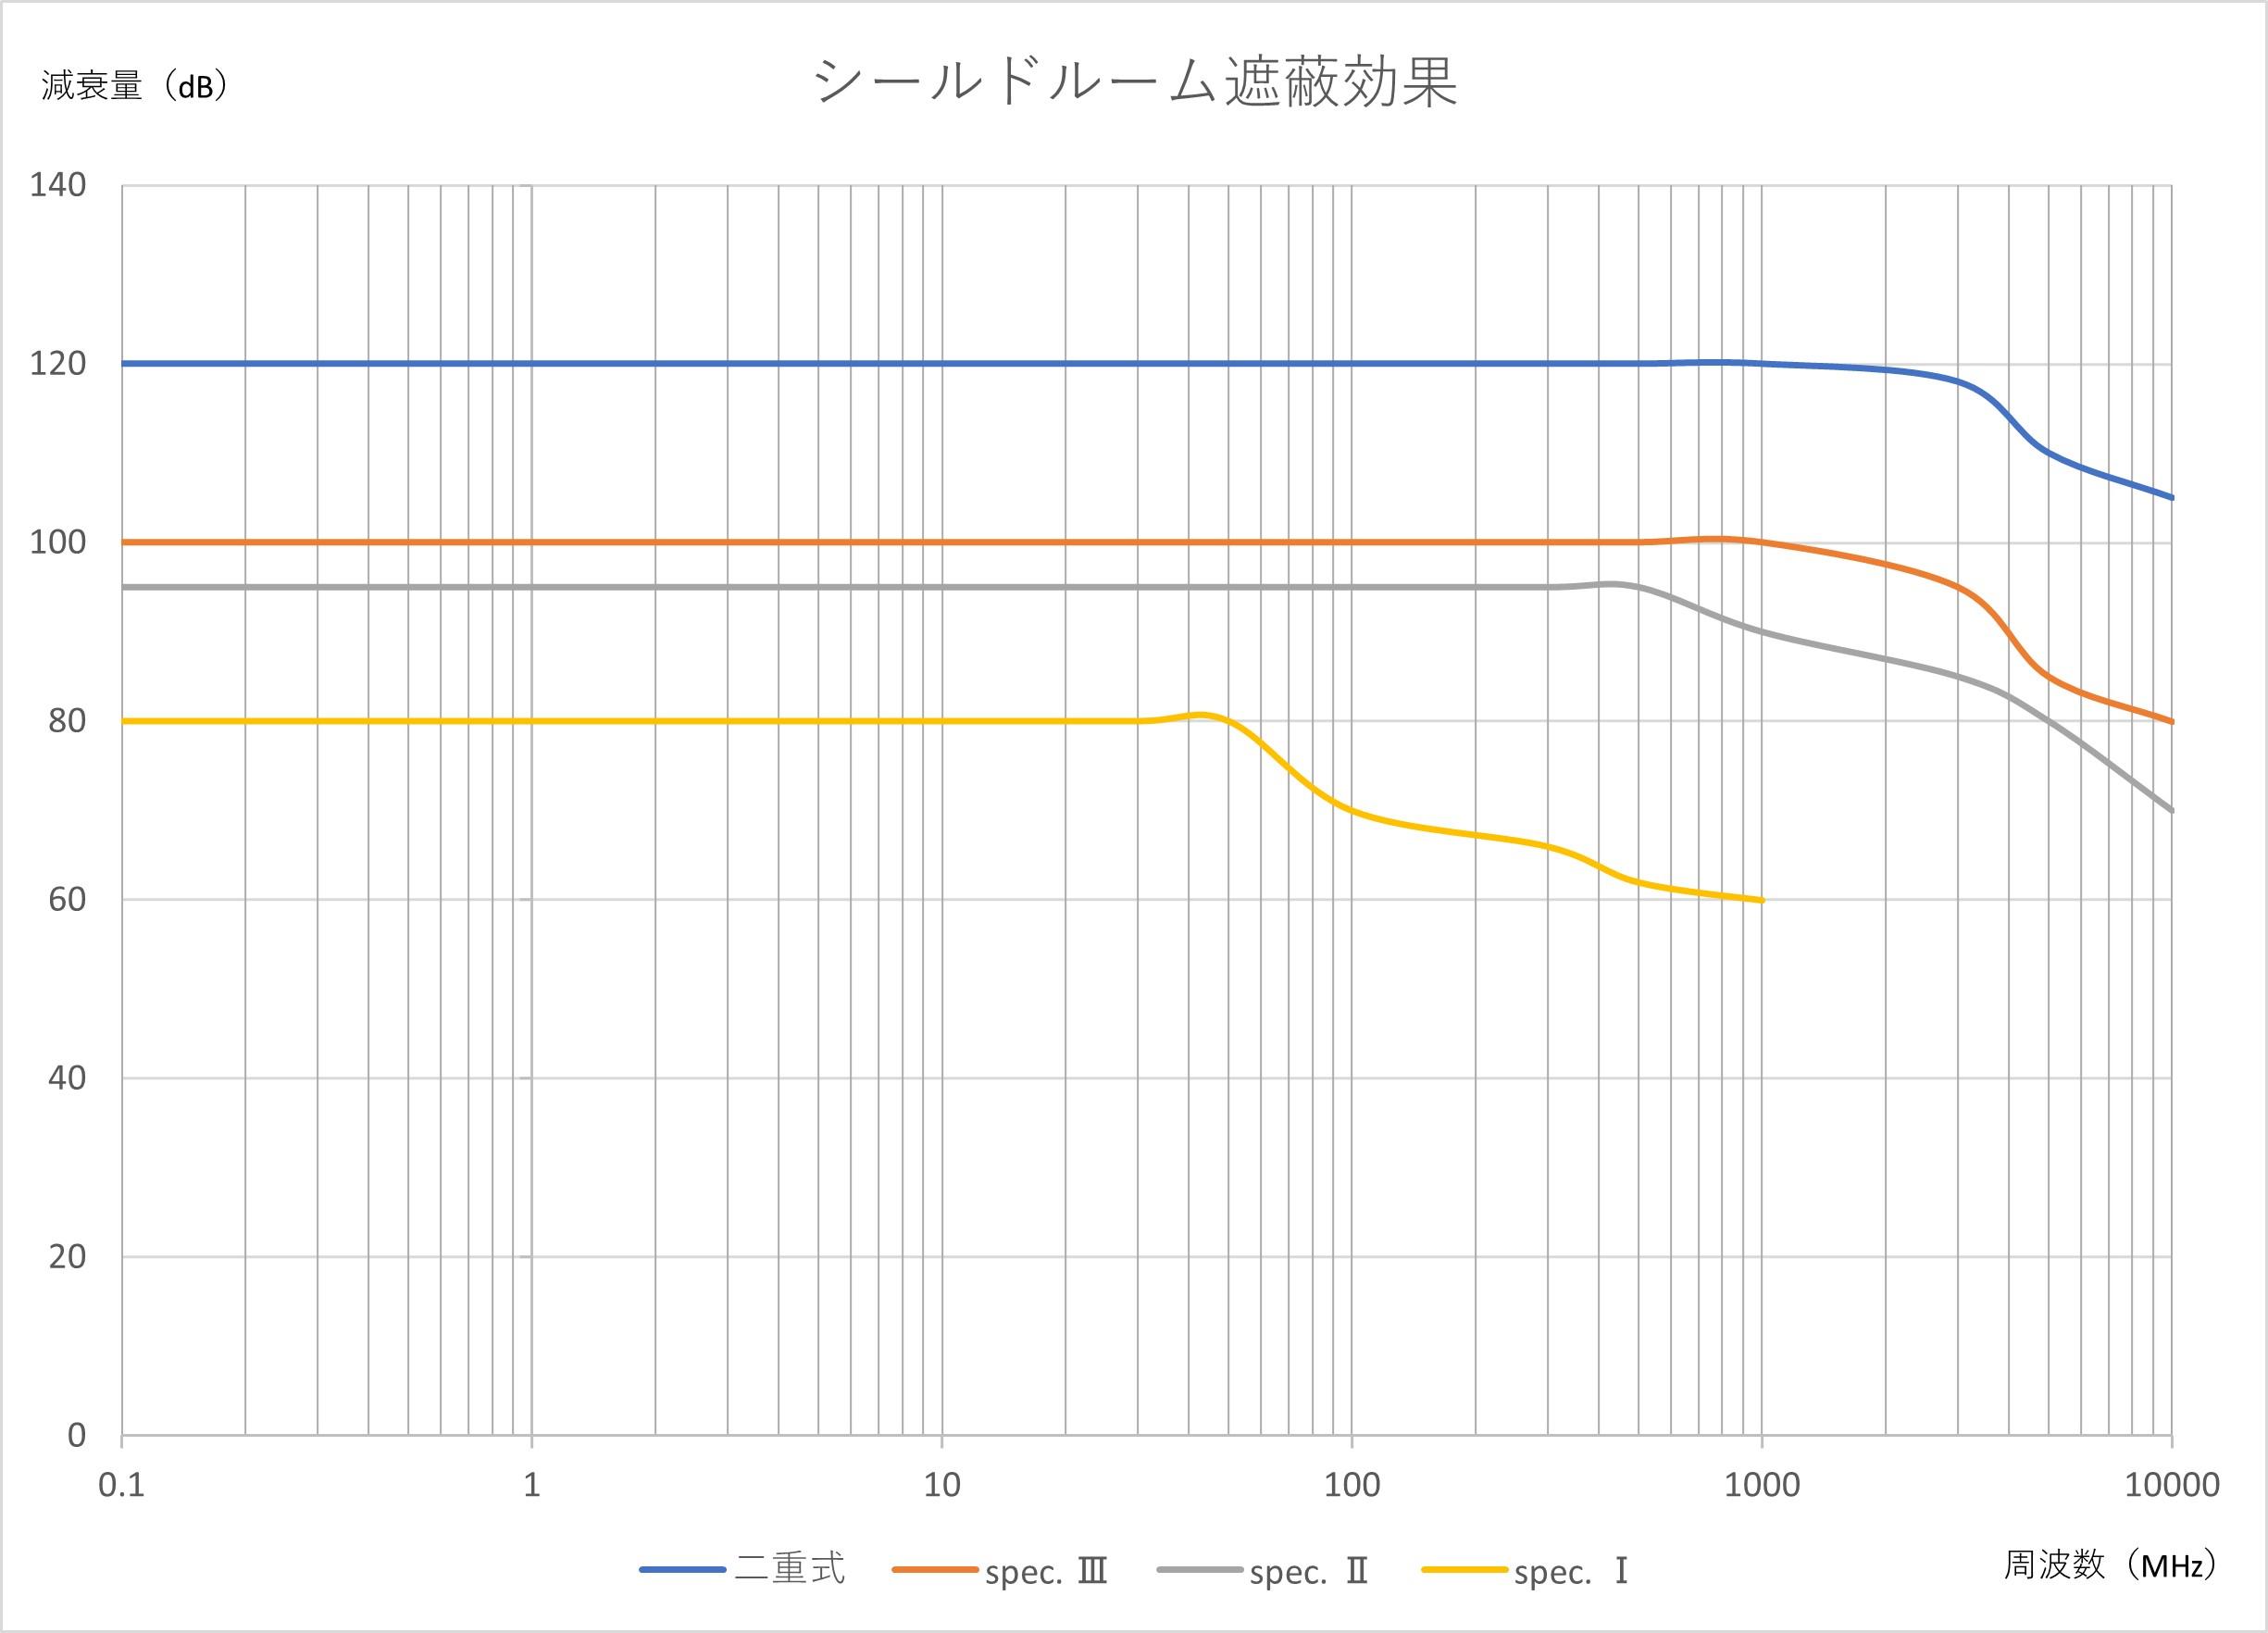 シールドルーム遮蔽効果のグラフ